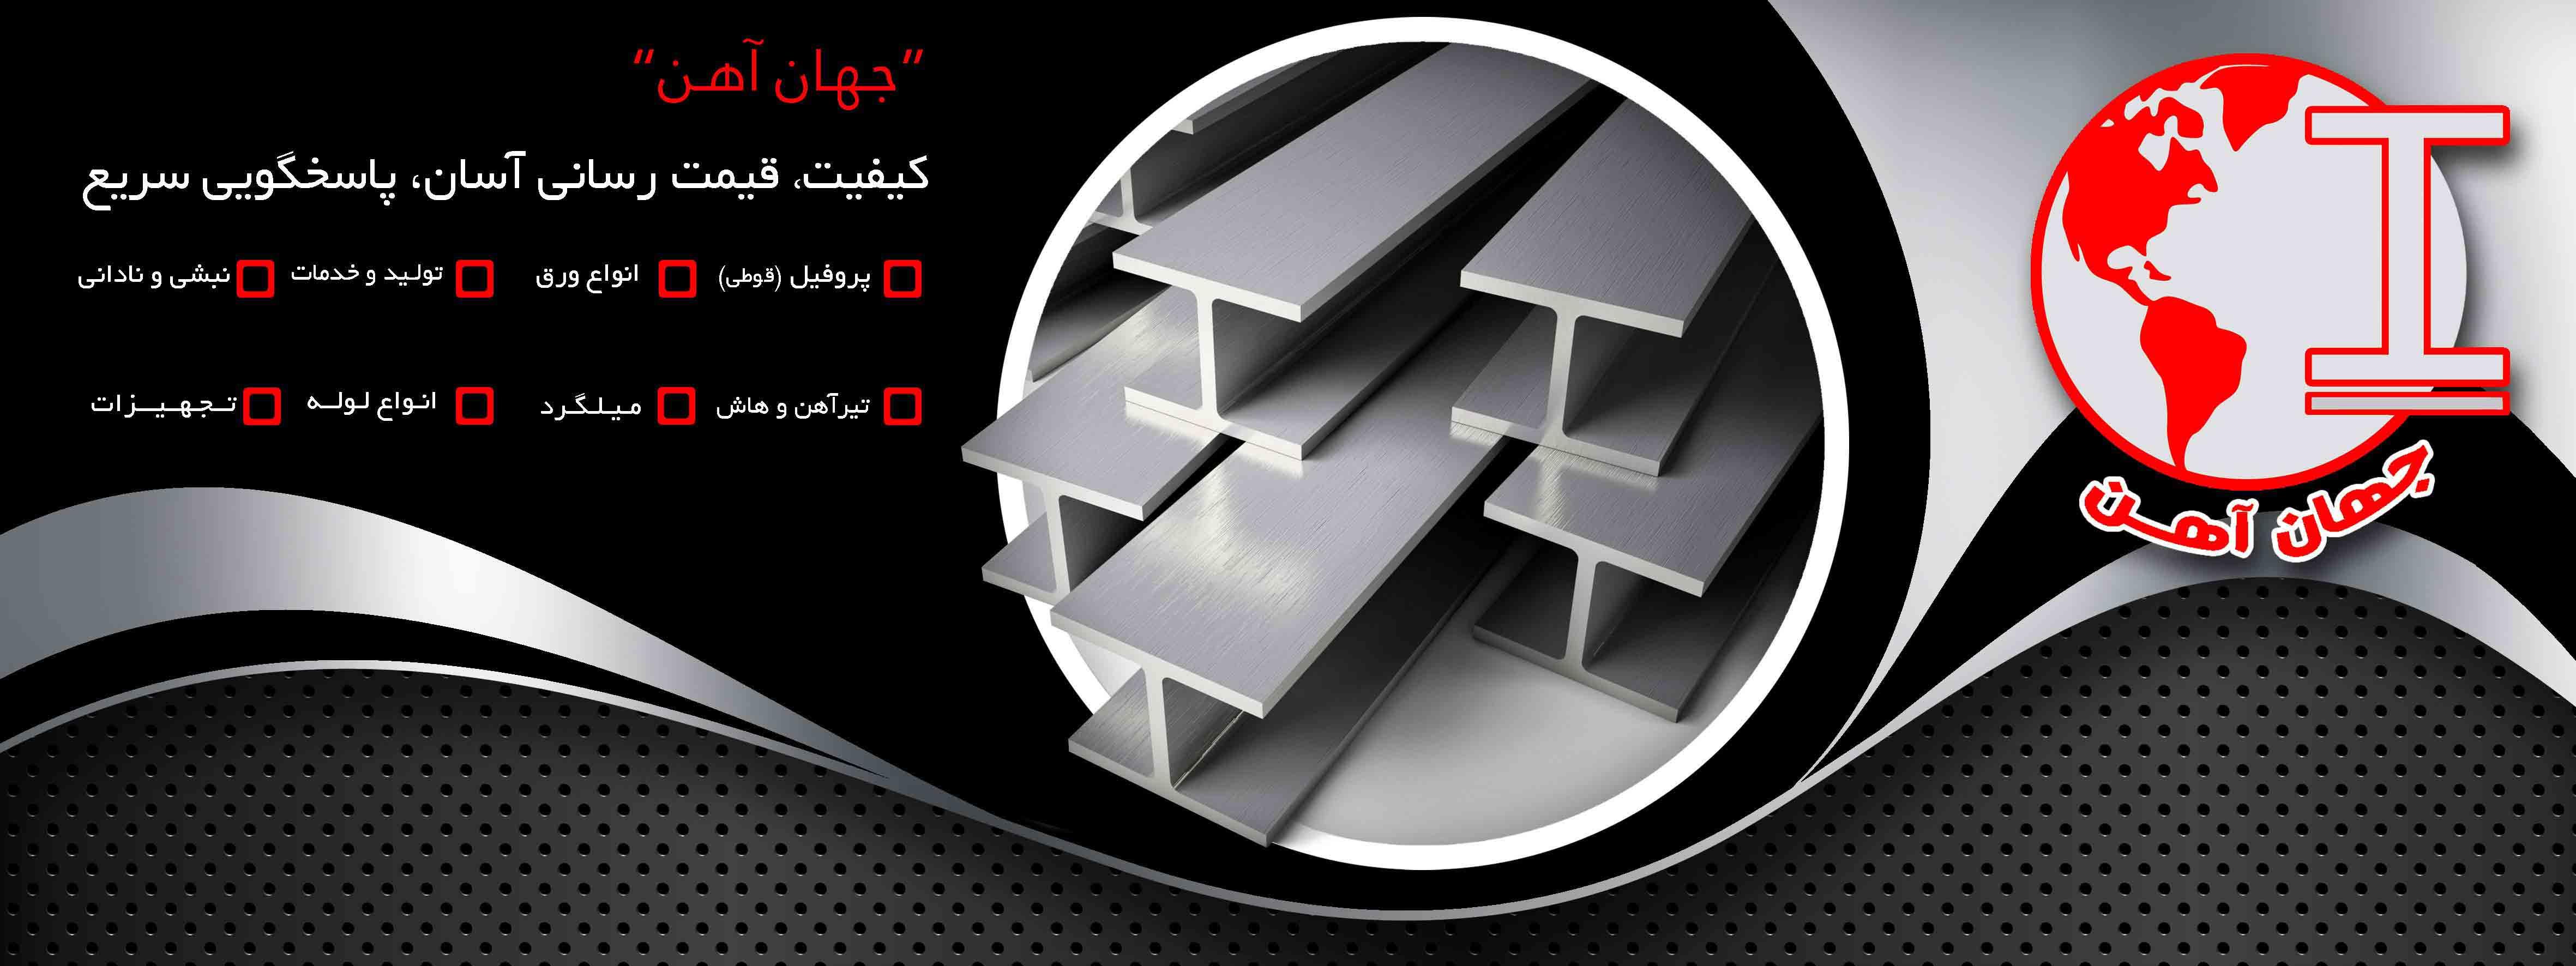 آهن | قیمت آهن | قیمت ورق | قیمت ورق ضخیم